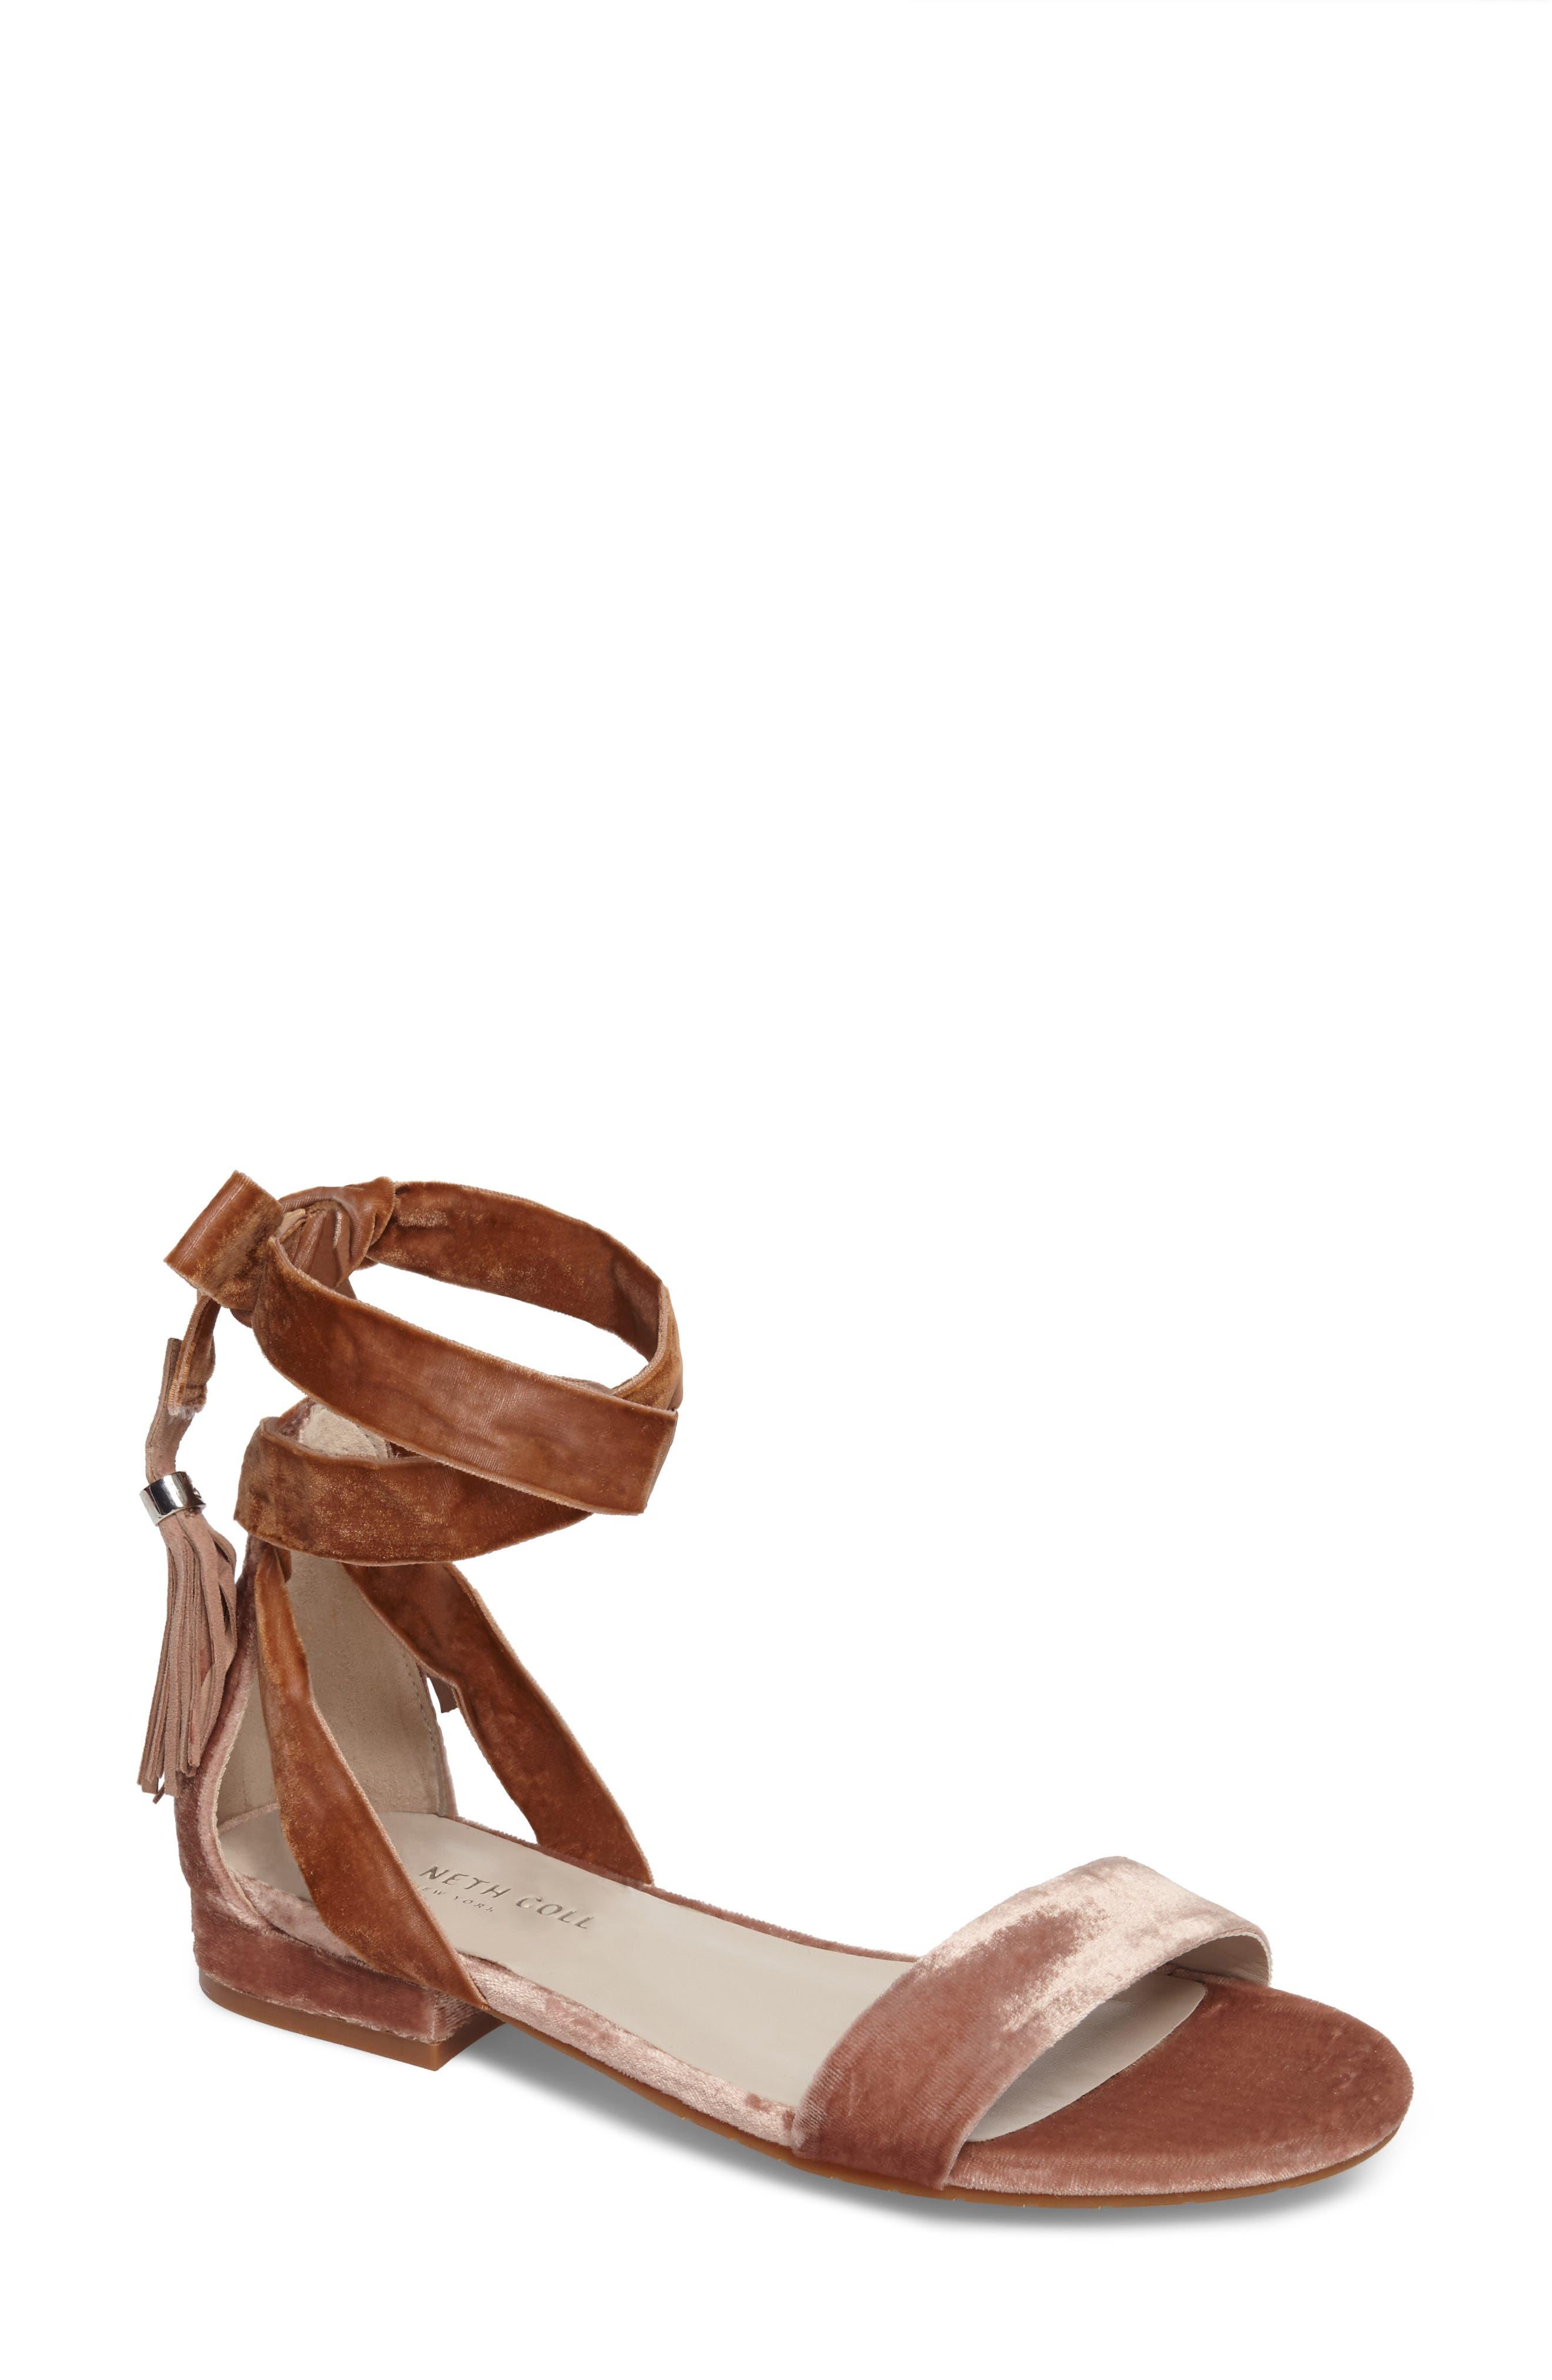 Valen Tassel Lace-Up Sandal,                         Main,                         color, Blush Velvet